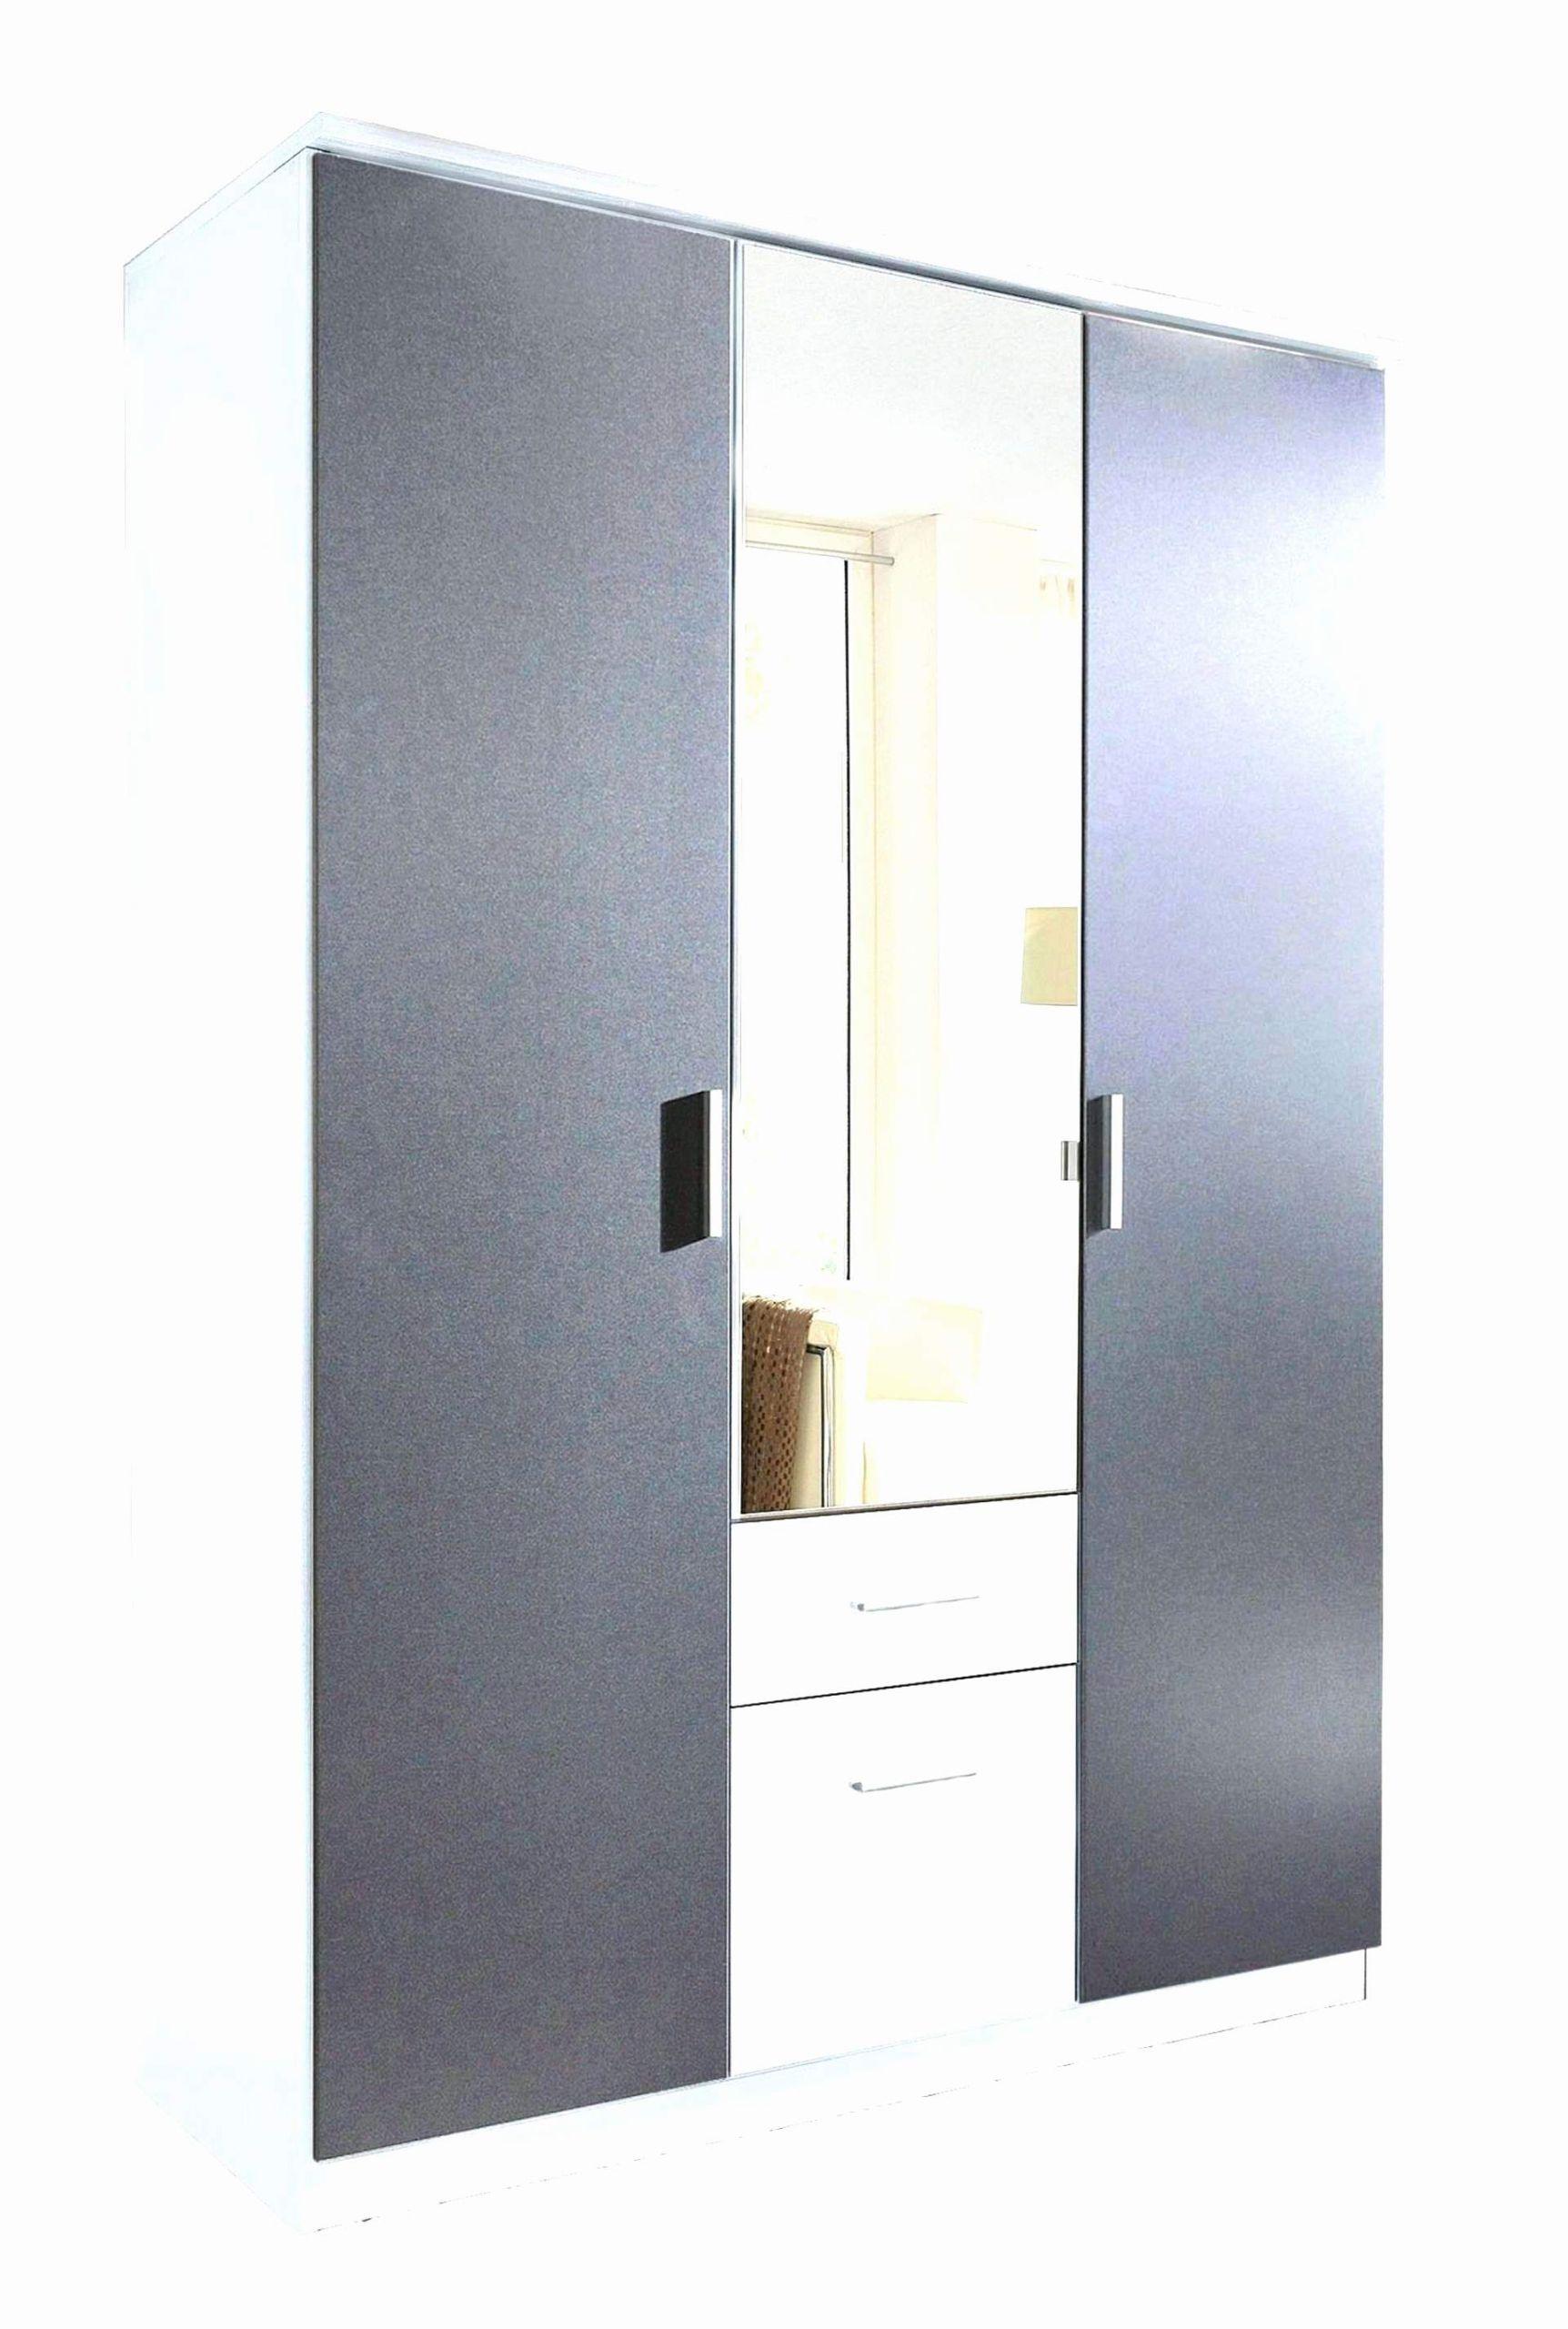 Full Size of Ikea Küche Eckschrank Eckschrnke Wohnzimmer Elegant Schlafzimmer Was Kostet Eine Singelküche Kleiner Tisch Modulküche Deckenleuchte L Mit Elektrogeräten Wohnzimmer Ikea Küche Eckschrank